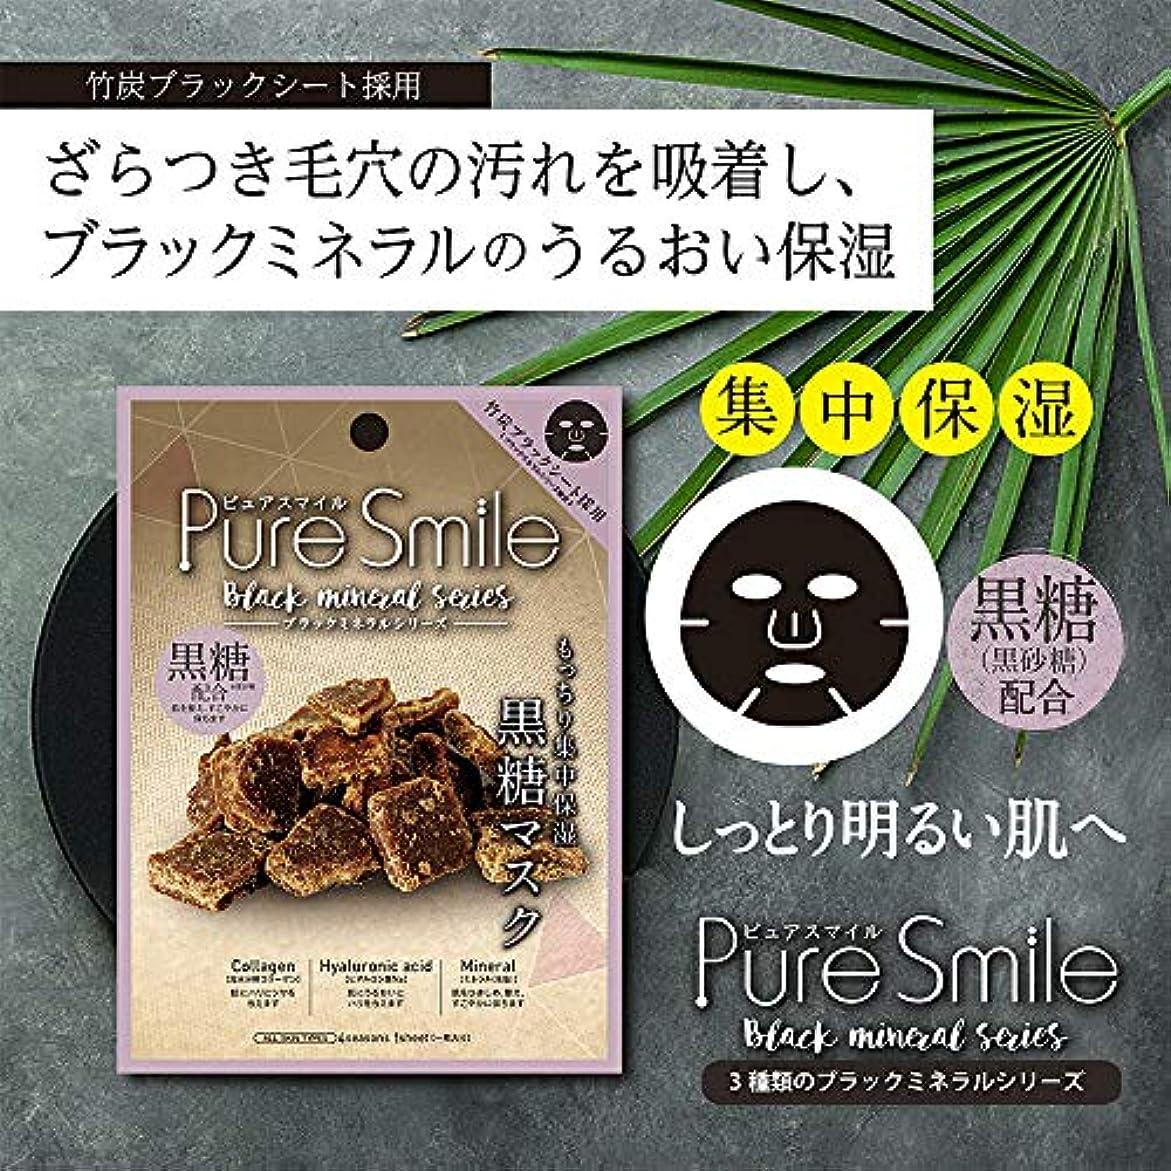 ジェット合計大きさPure Smile(ピュアスマイル) エッセンスマスク 『ブラックミネラルシリーズ』 (黒糖) フェイスマスク パック